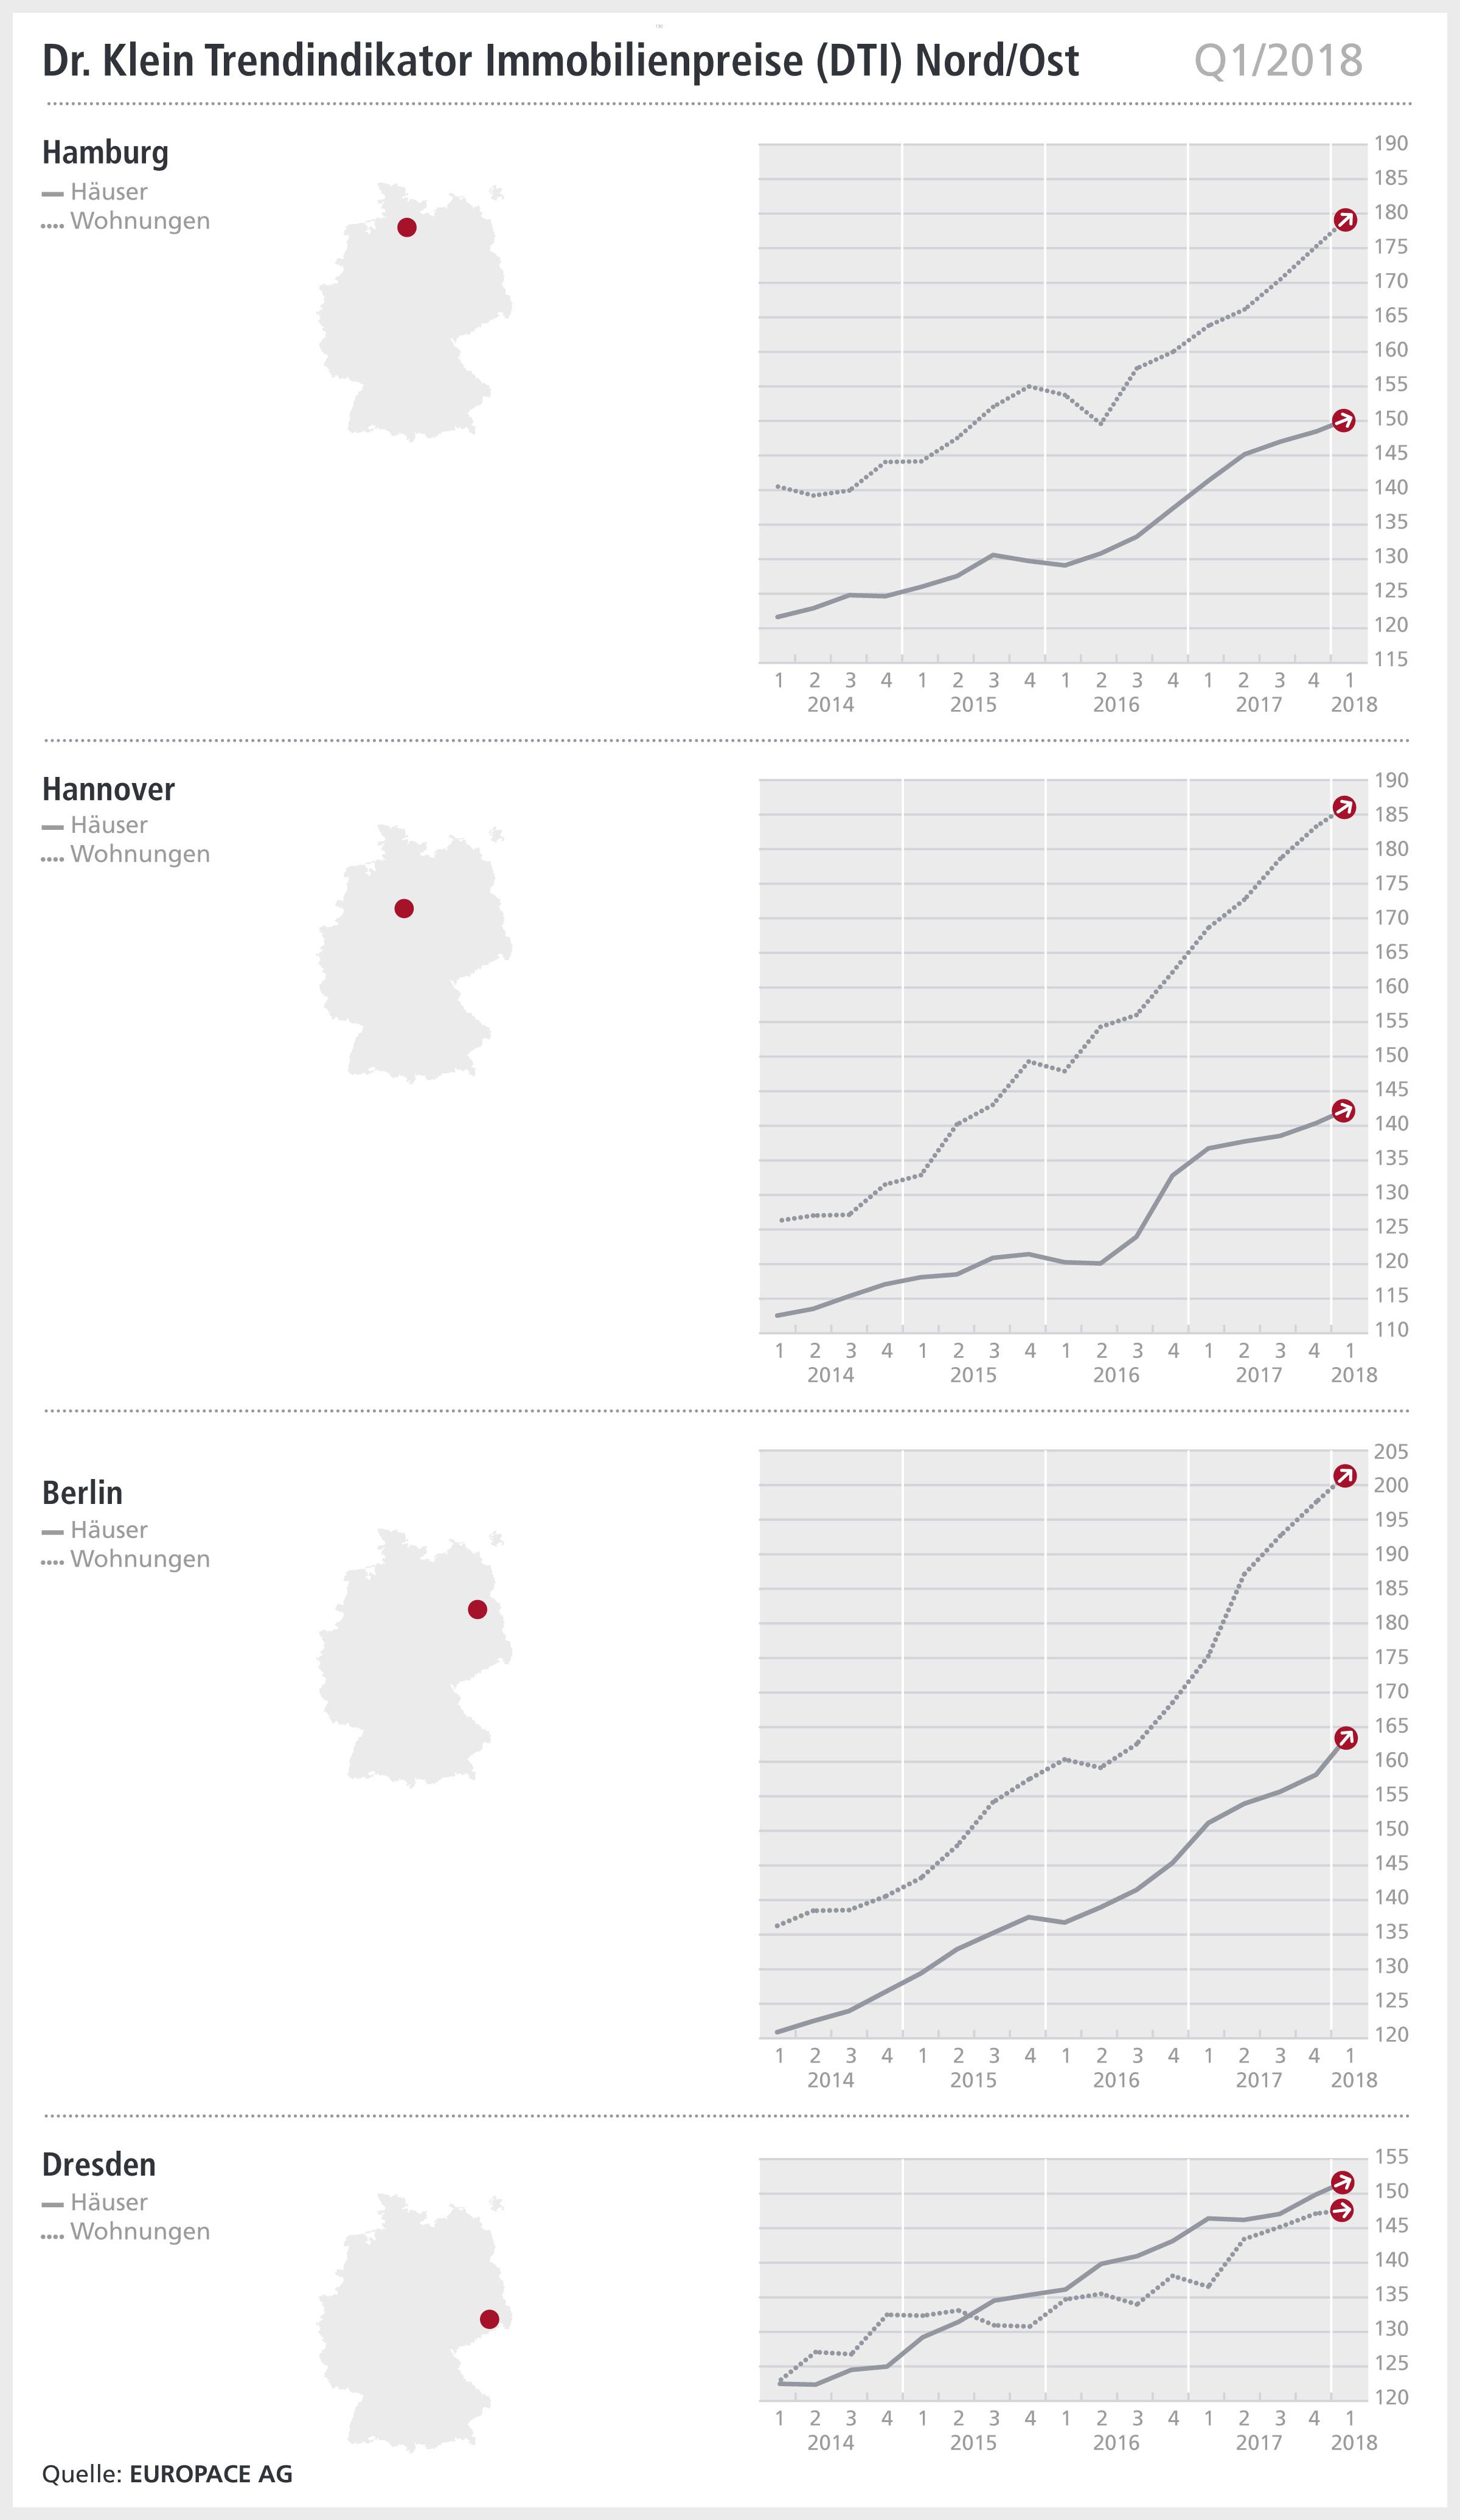 Grafik: DTI Nord/Ost, Q1/2018